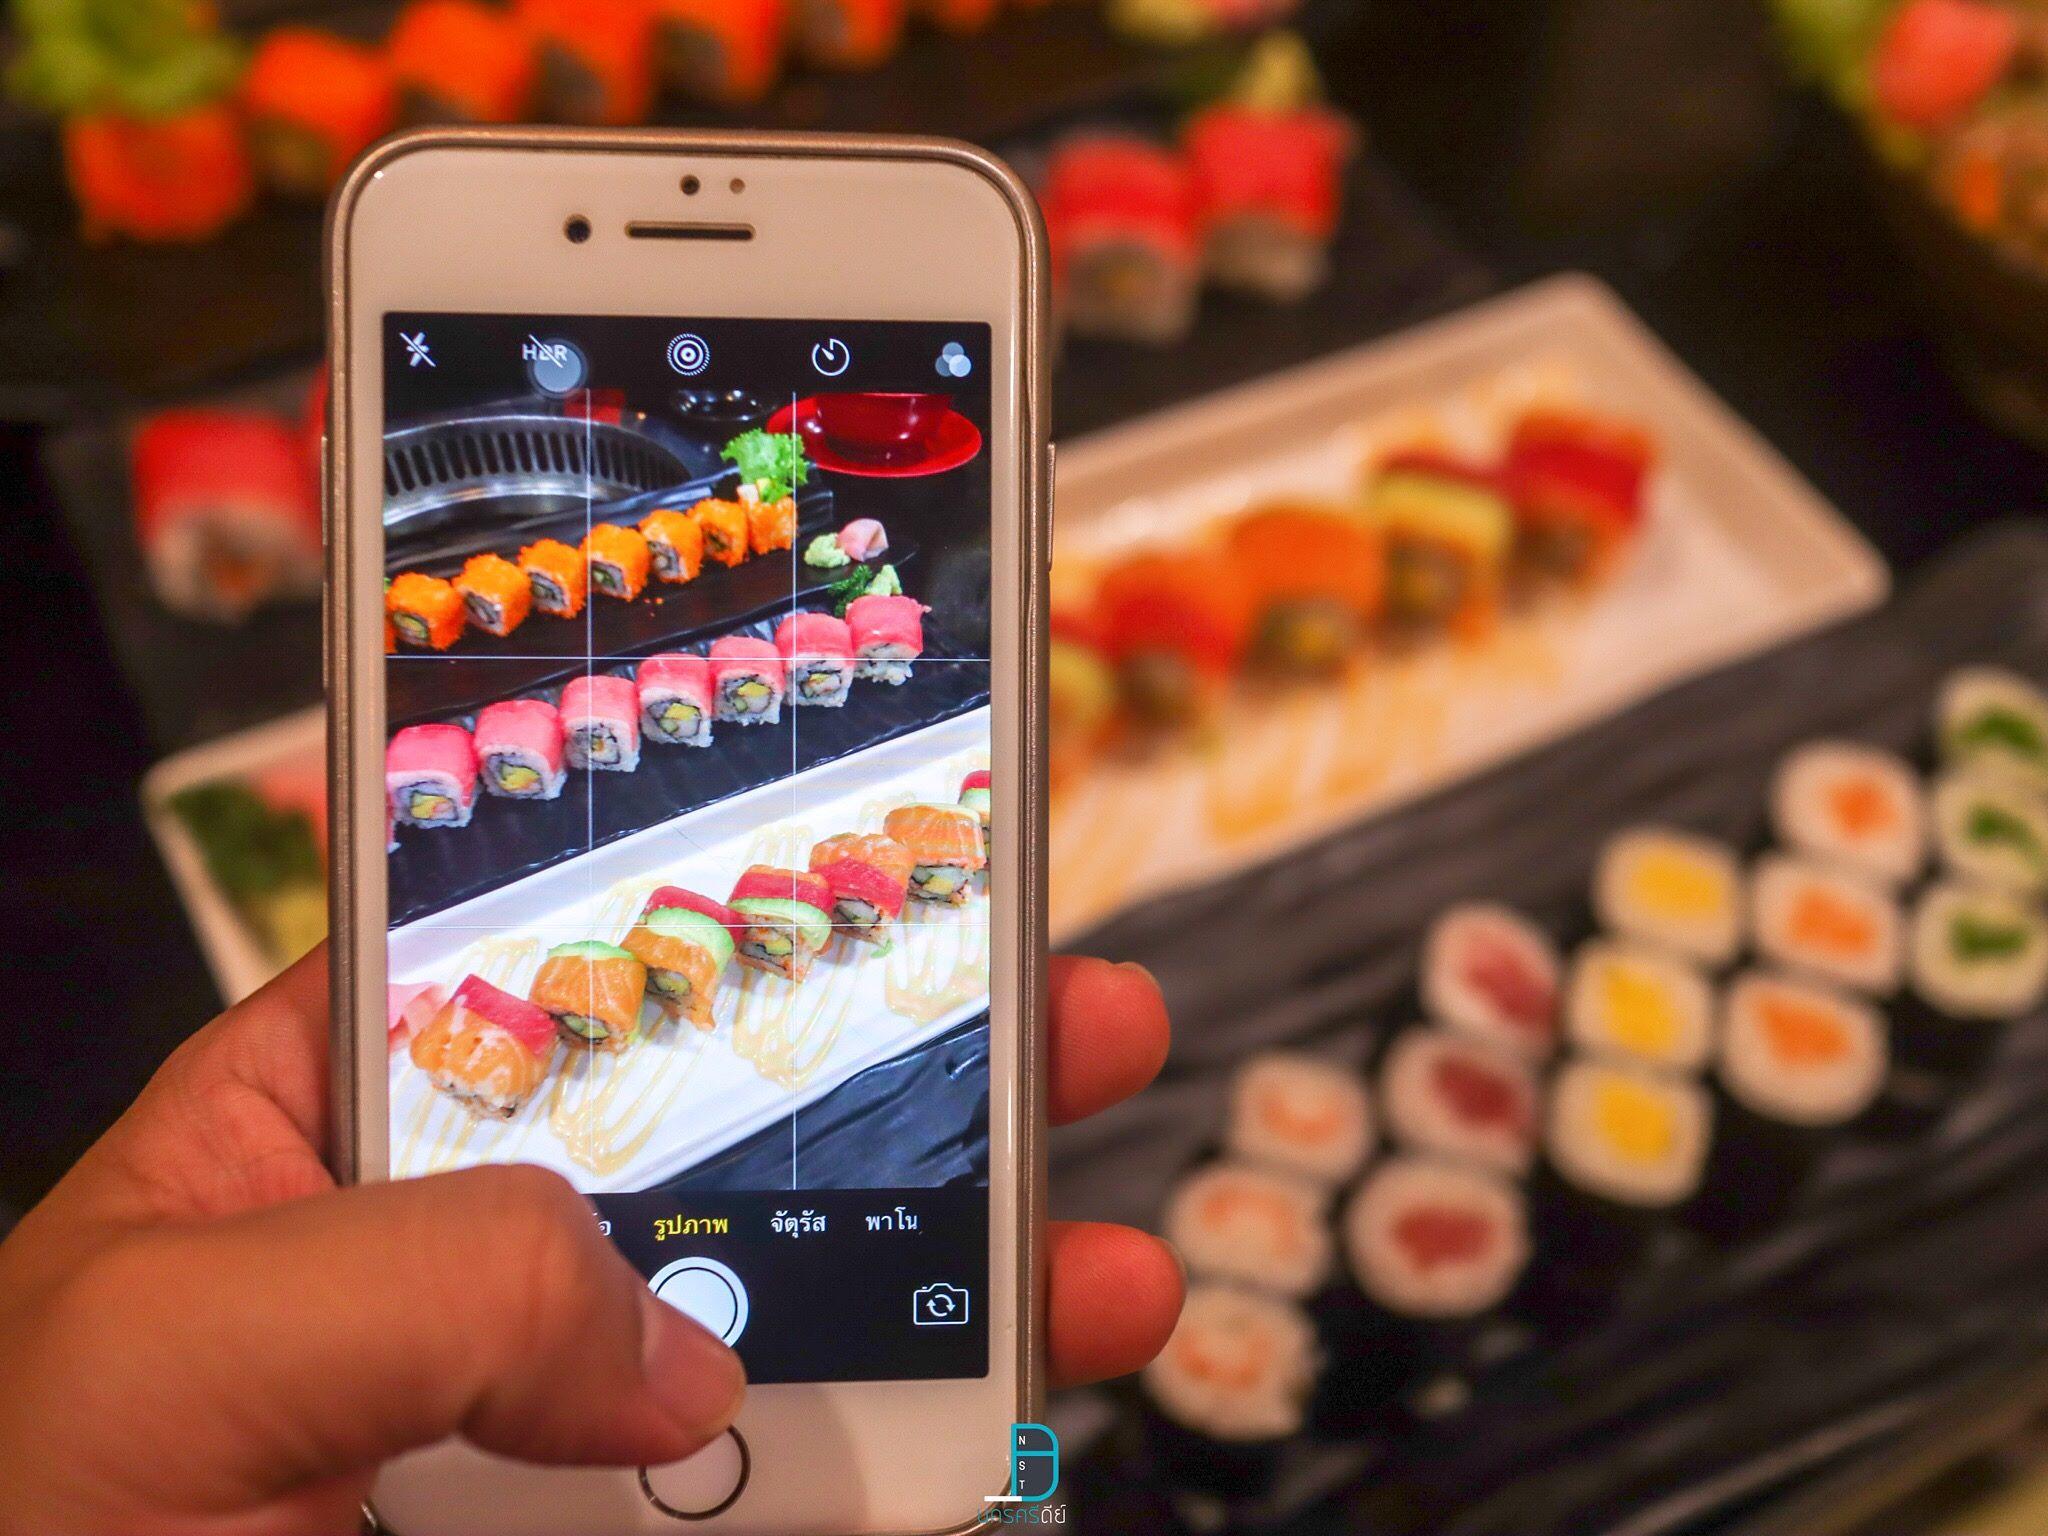 ร้านชาบู ปิ้งย่าง อาหารญี่ปุ่น ร้านเดียวครบนั่งสบายๆ at Namba  นครศรีธรรมราช นครศรีดีย์